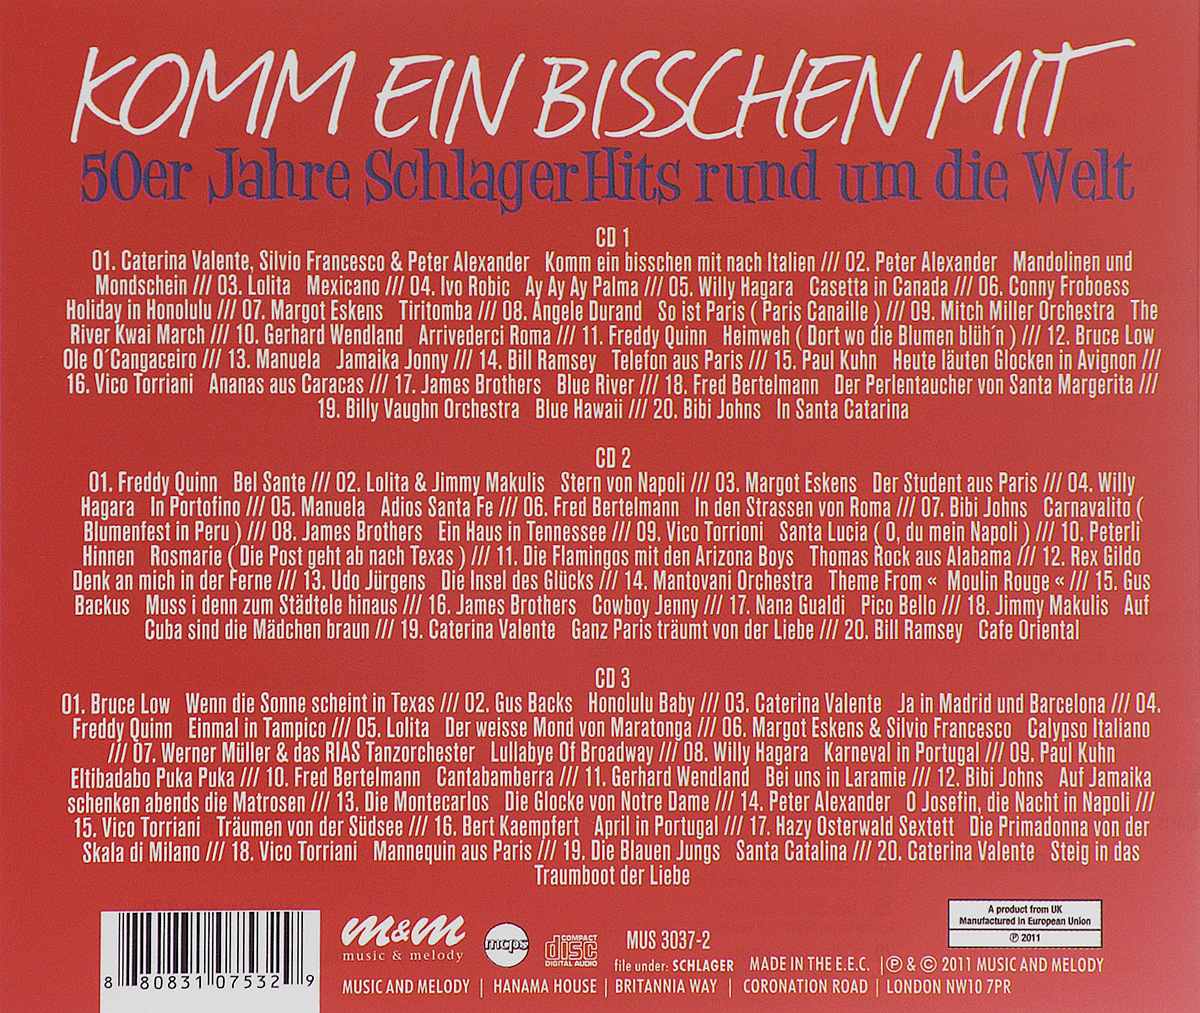 Komm Ein Bisschen Mit.  50er Jahre Schlager Hits Rund Um Die Welt (3 CD) Music& Melody,Союз Мьюзик